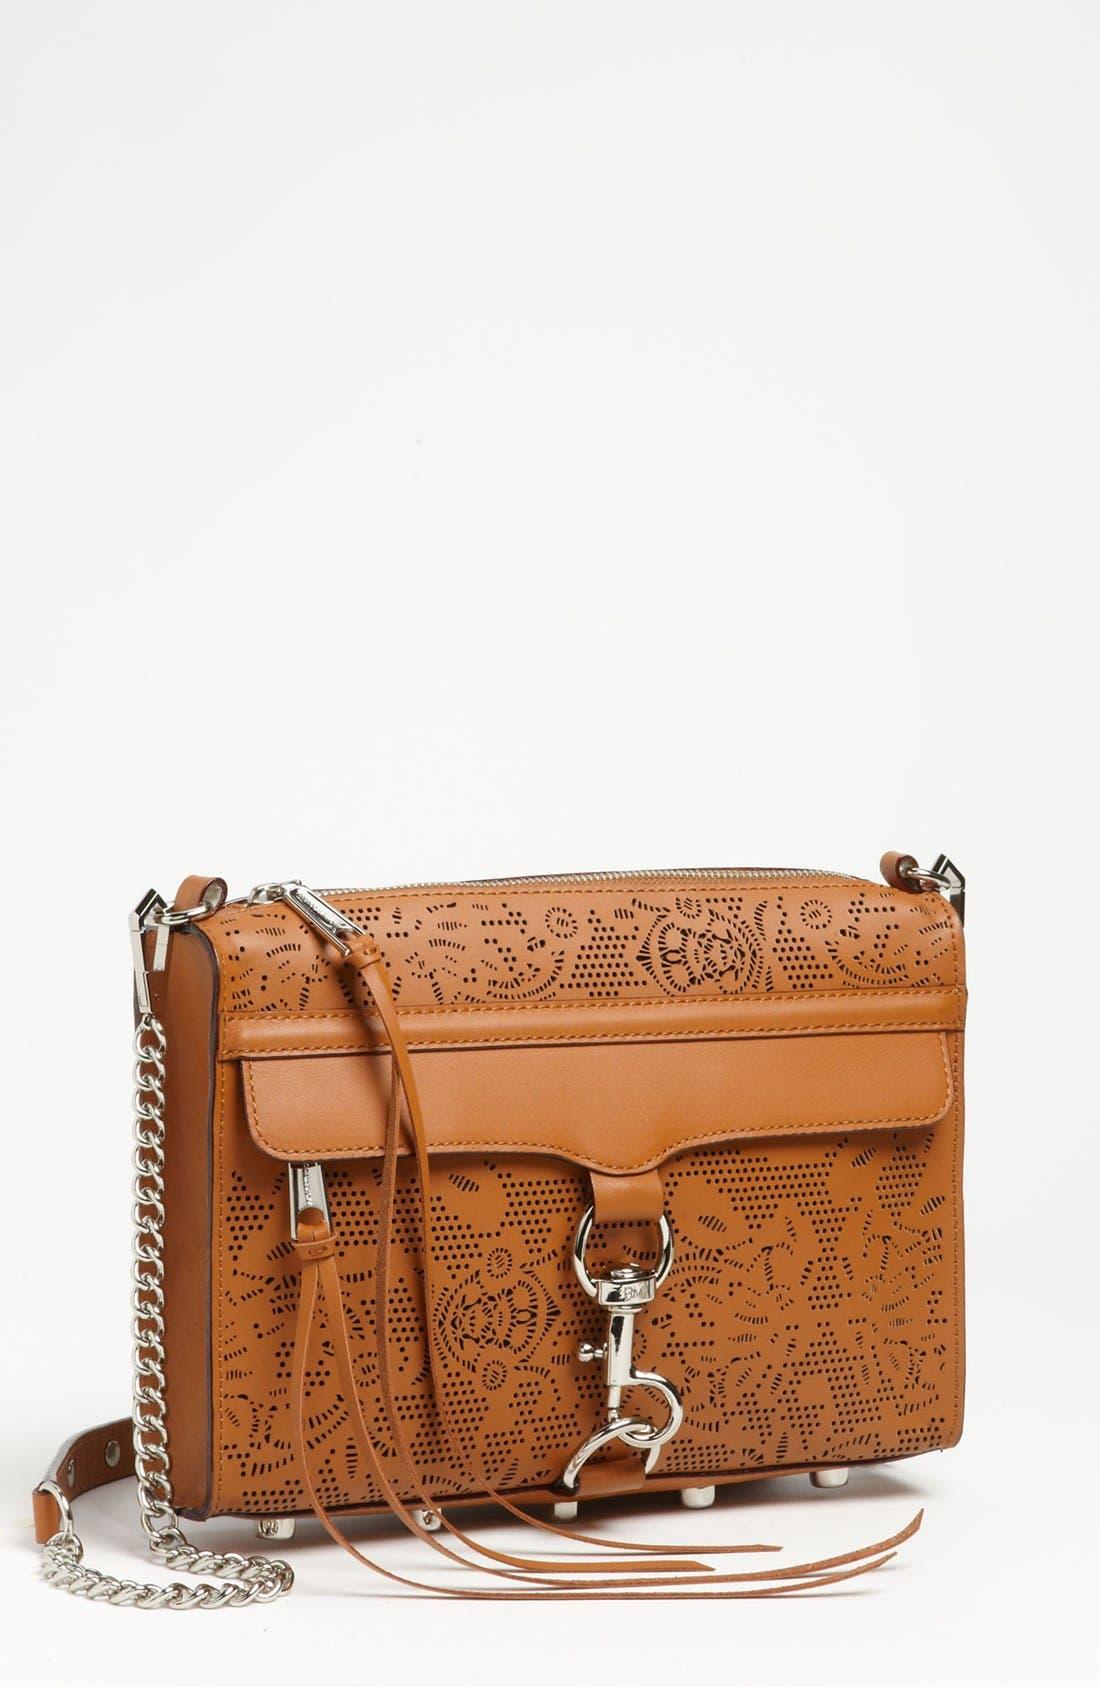 Main Image - Rebecca Minkoff 'Lasercut MAC' Leather Crossbody Clutch